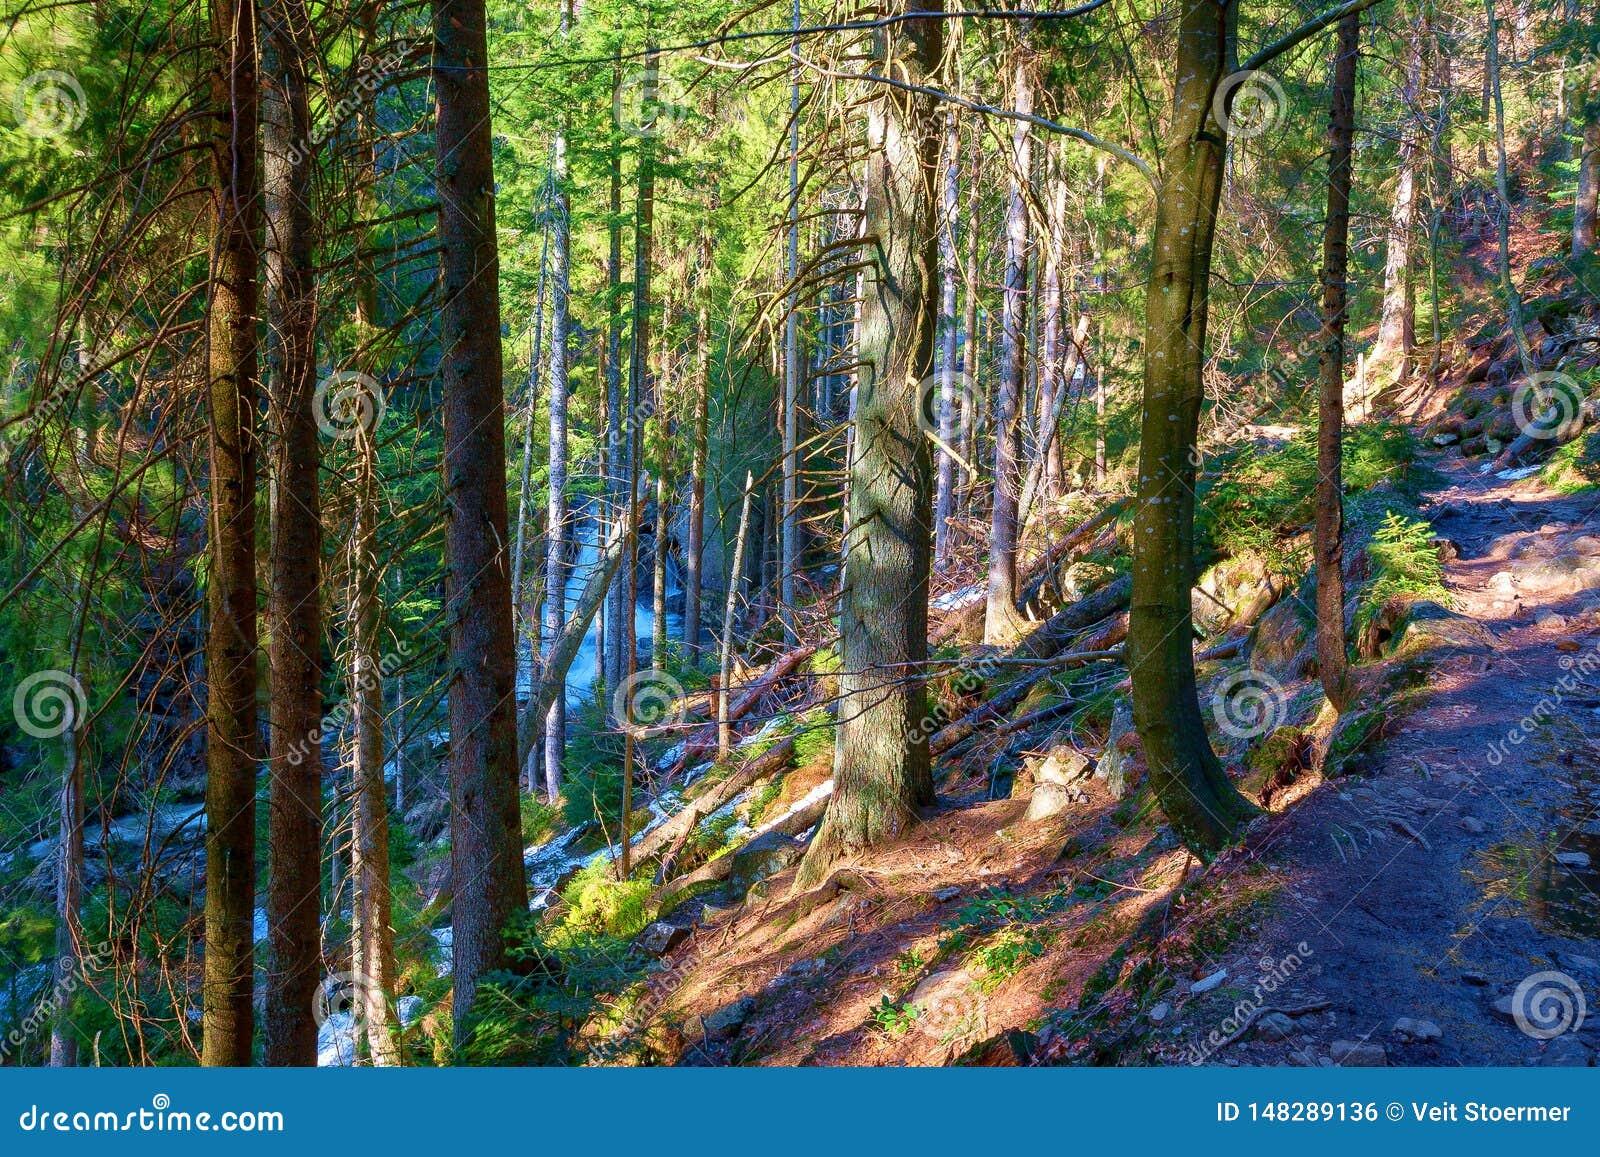 Ένα άγριο ρεύμα διασχίζει το βαυαρικό δάσος